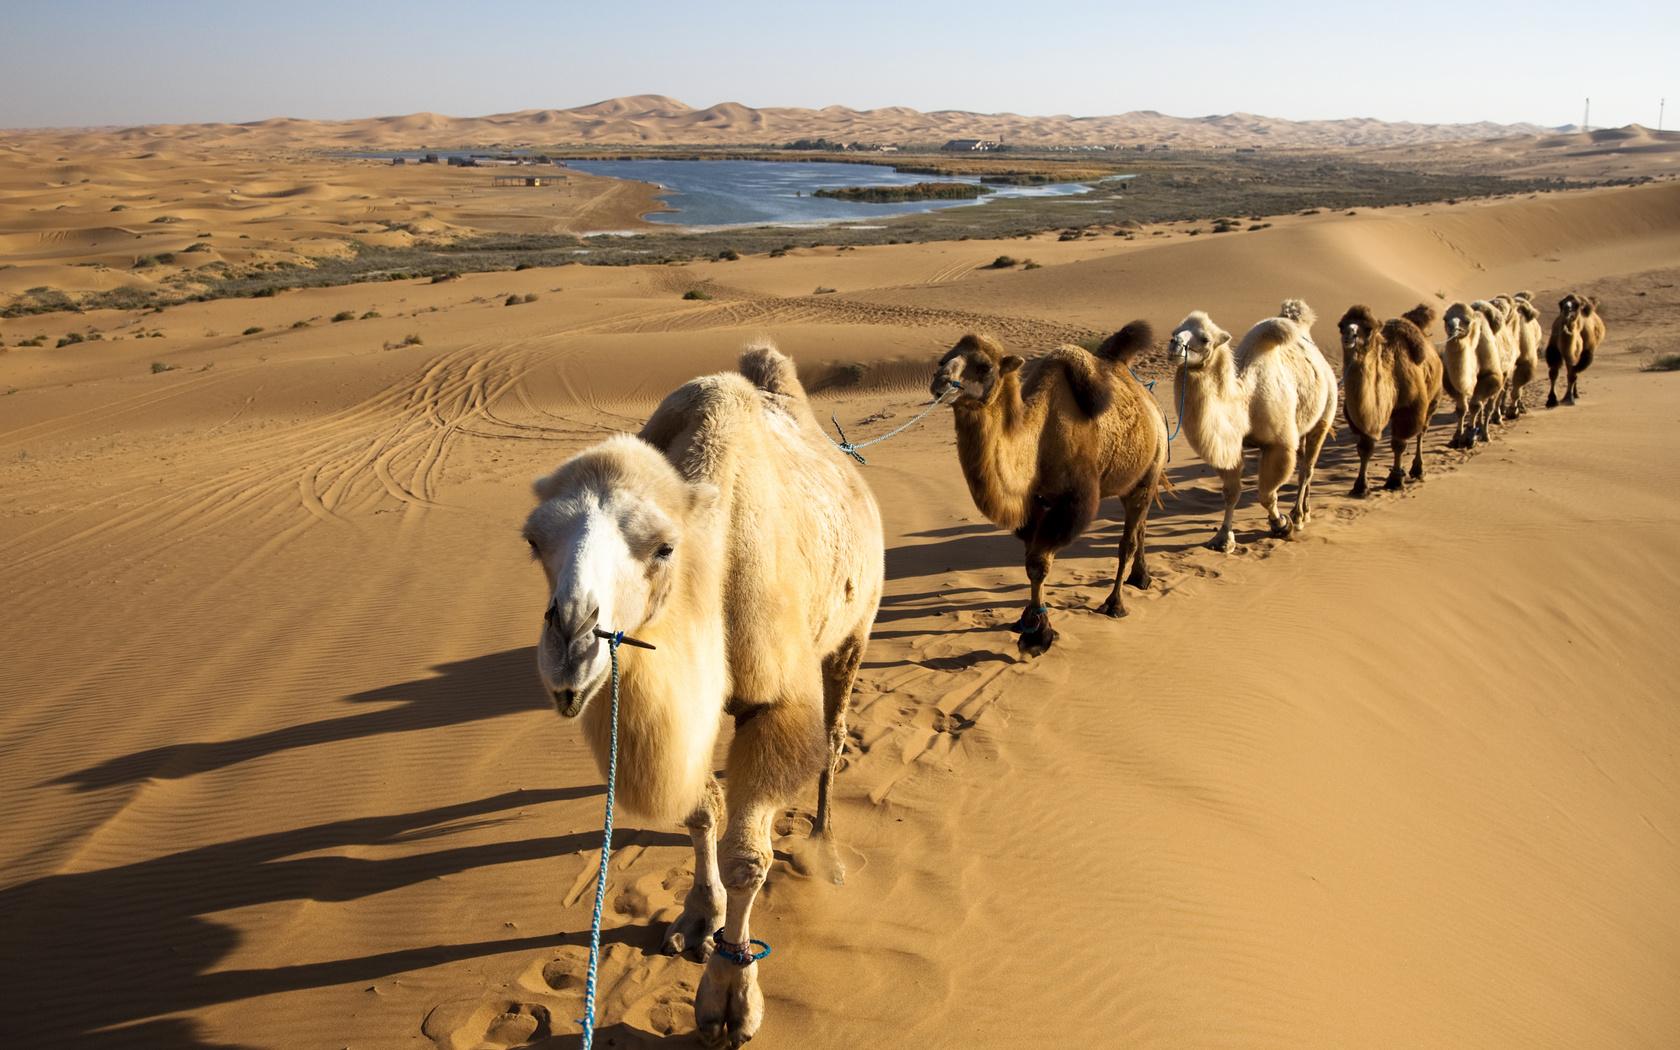 пустыня, верблюды, caravan, песок, животные, природа